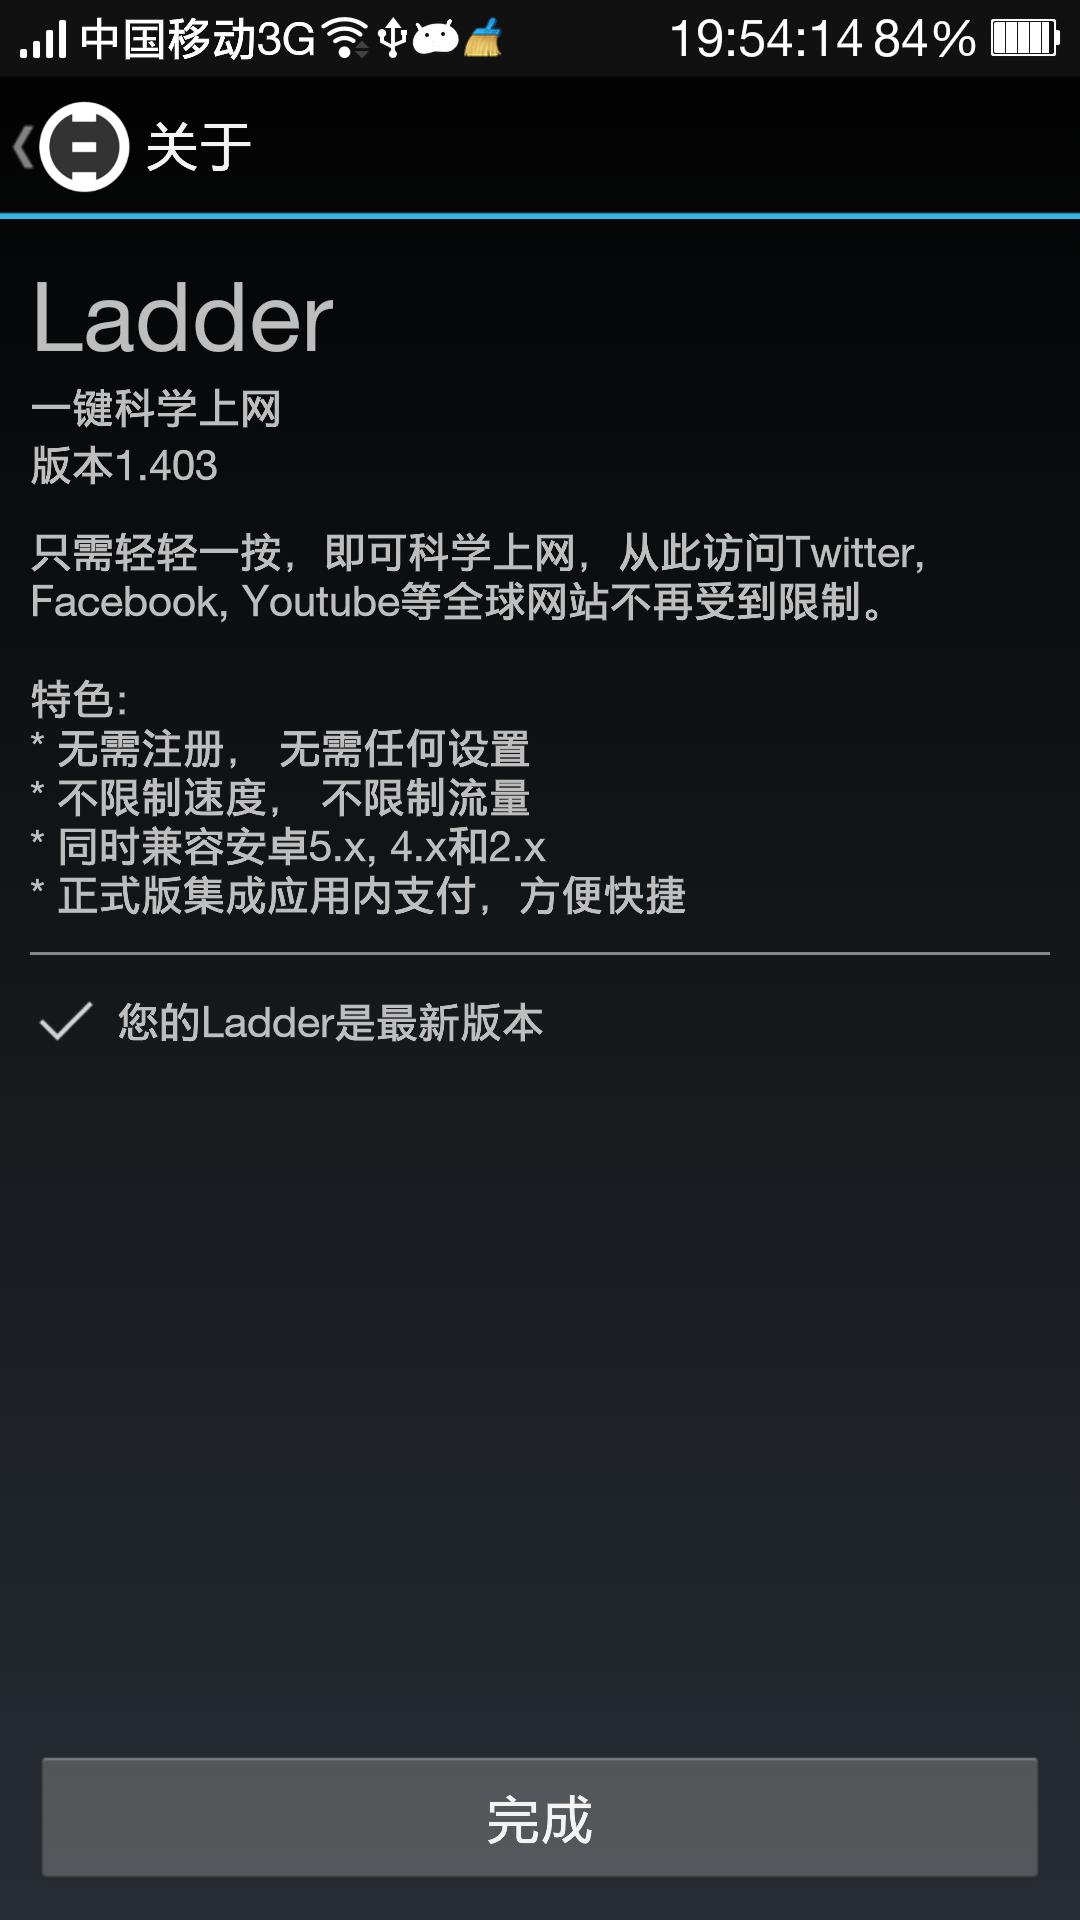 超快 一键VPN 不掉线 Ladder免费版v1.403无限制免费试 玩机专区 一加手机社区官方论坛